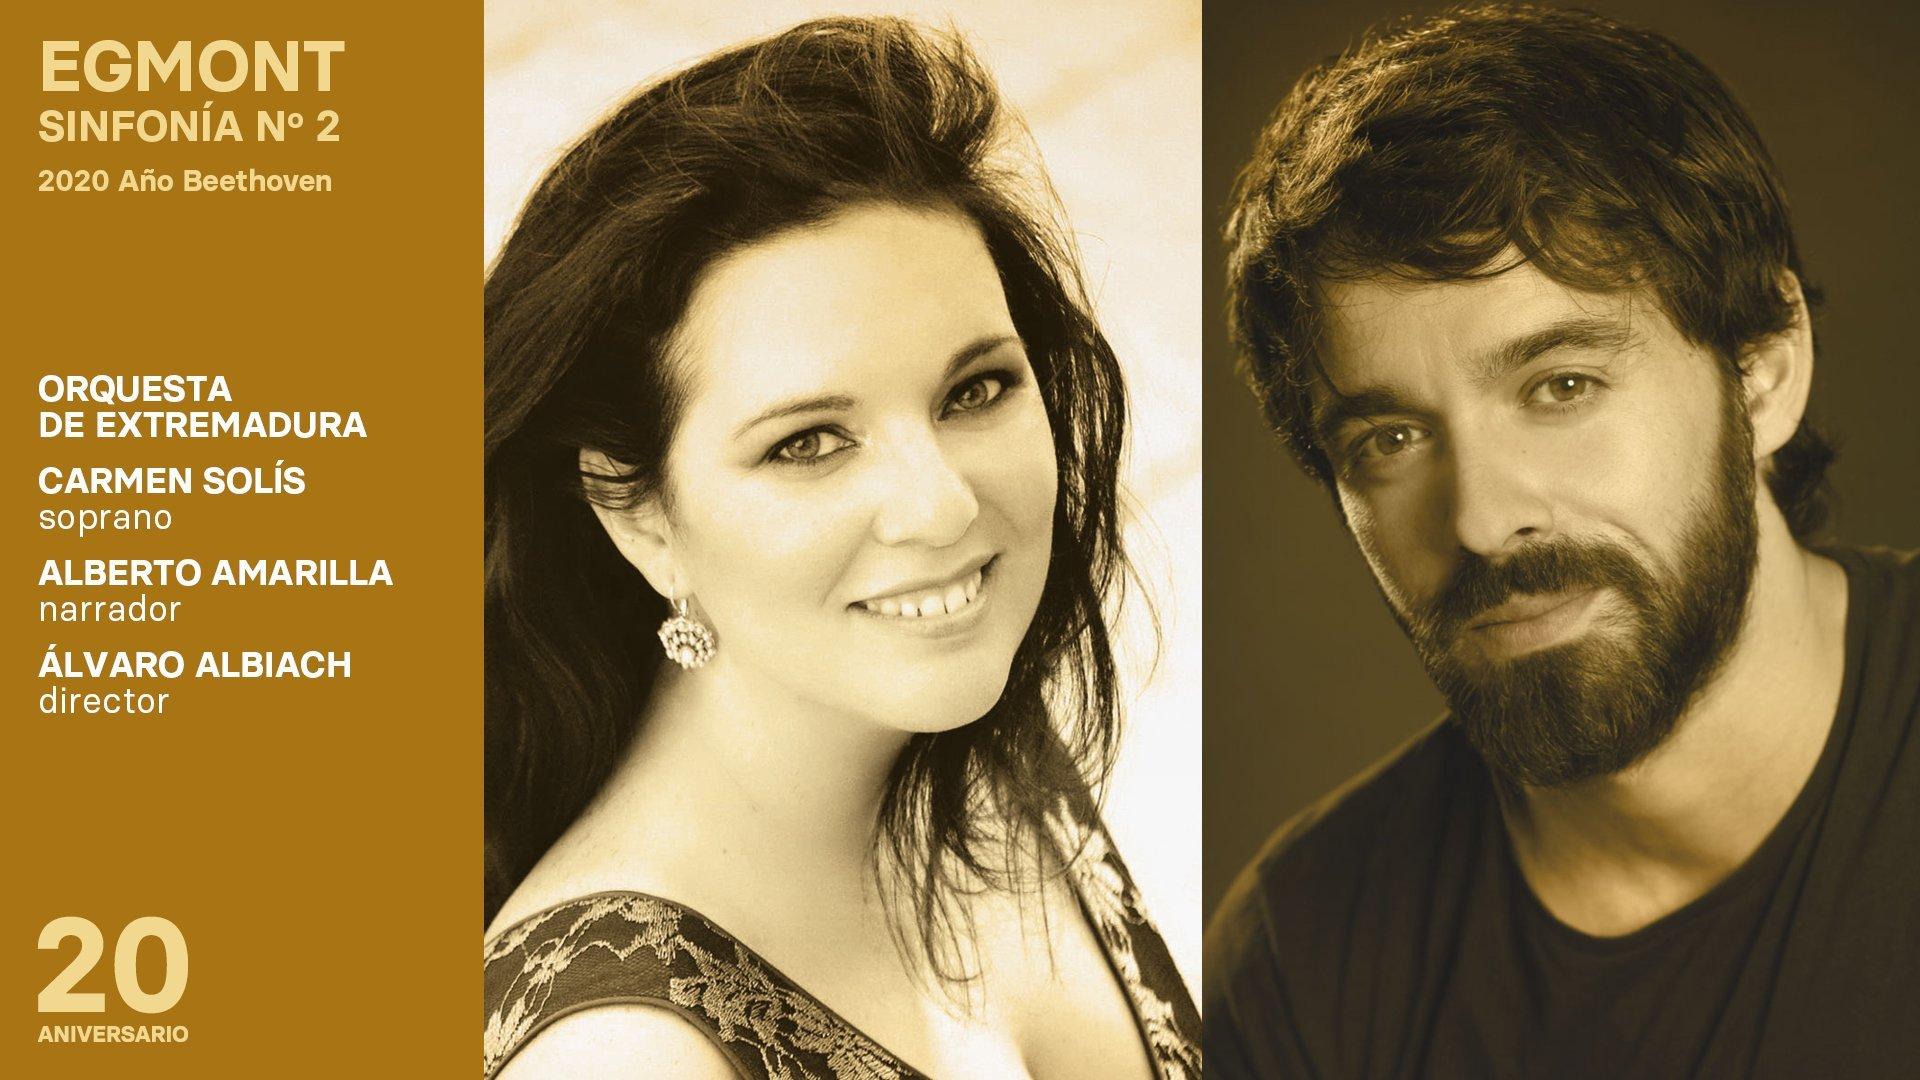 La OEX celebra con tres conciertos el 250 aniversario del nacimiento de Beethoven